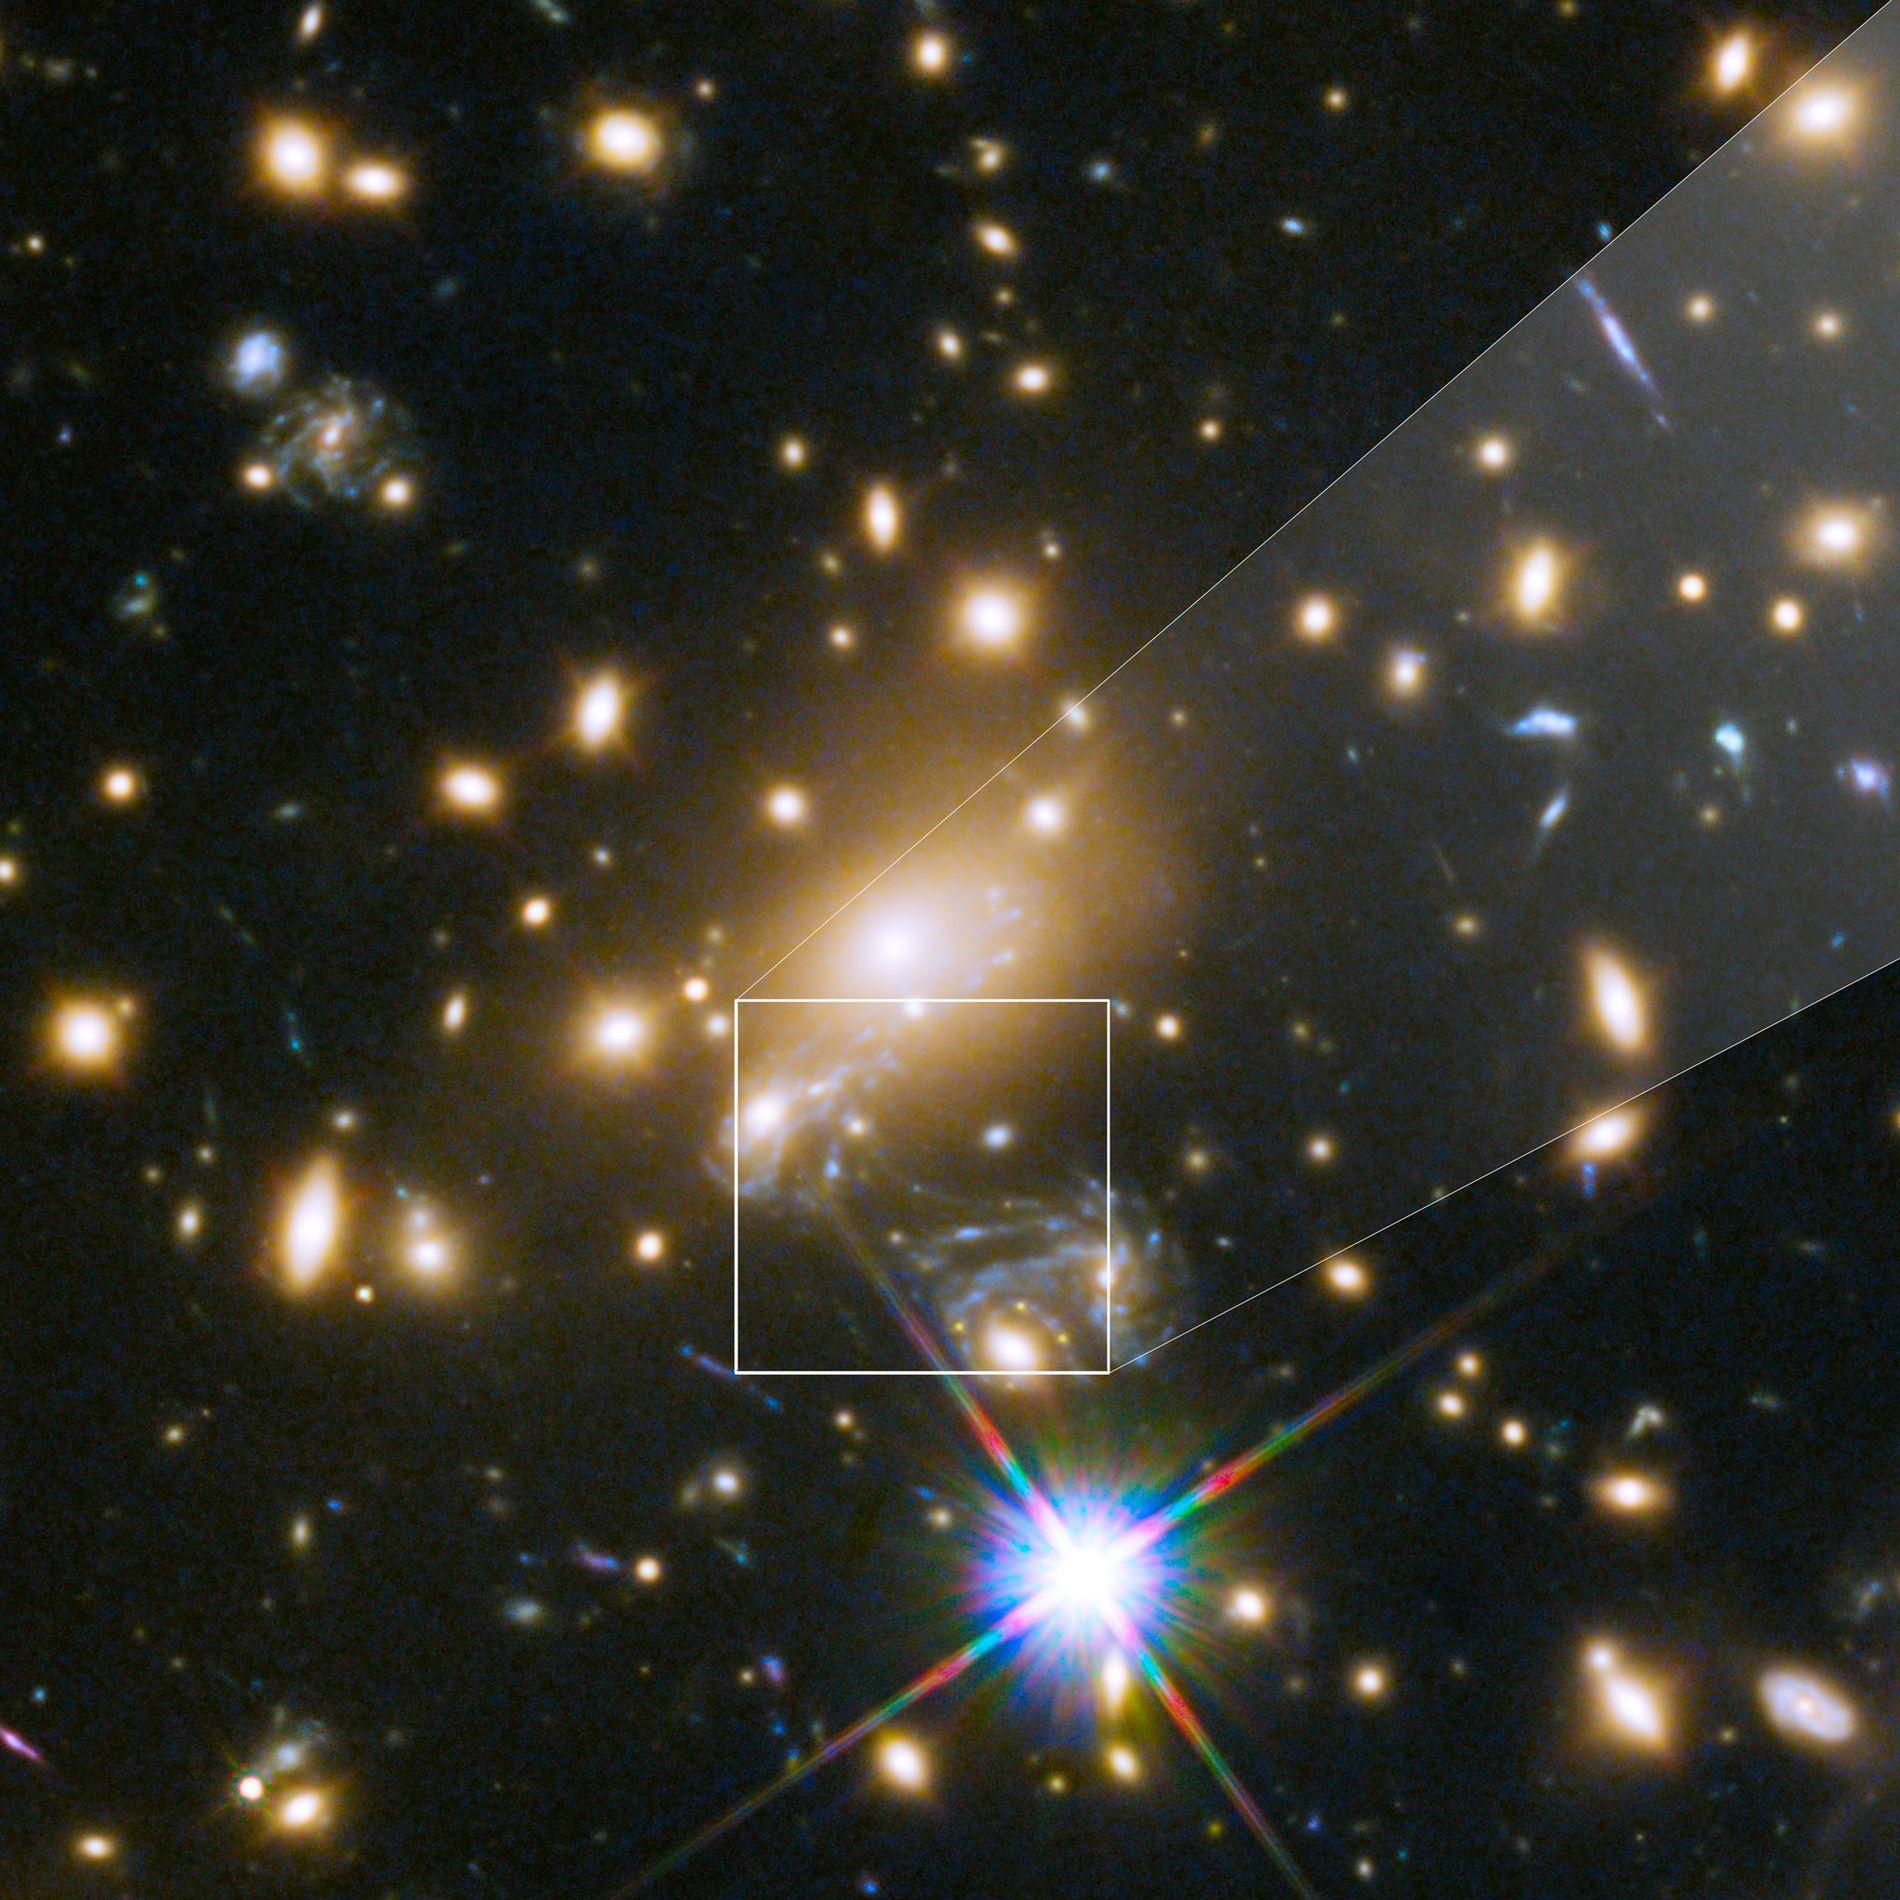 Icarus, cujo nome oficial é MACS J1149+2223 Lensed Star 1, é a estrela mais distante já ...